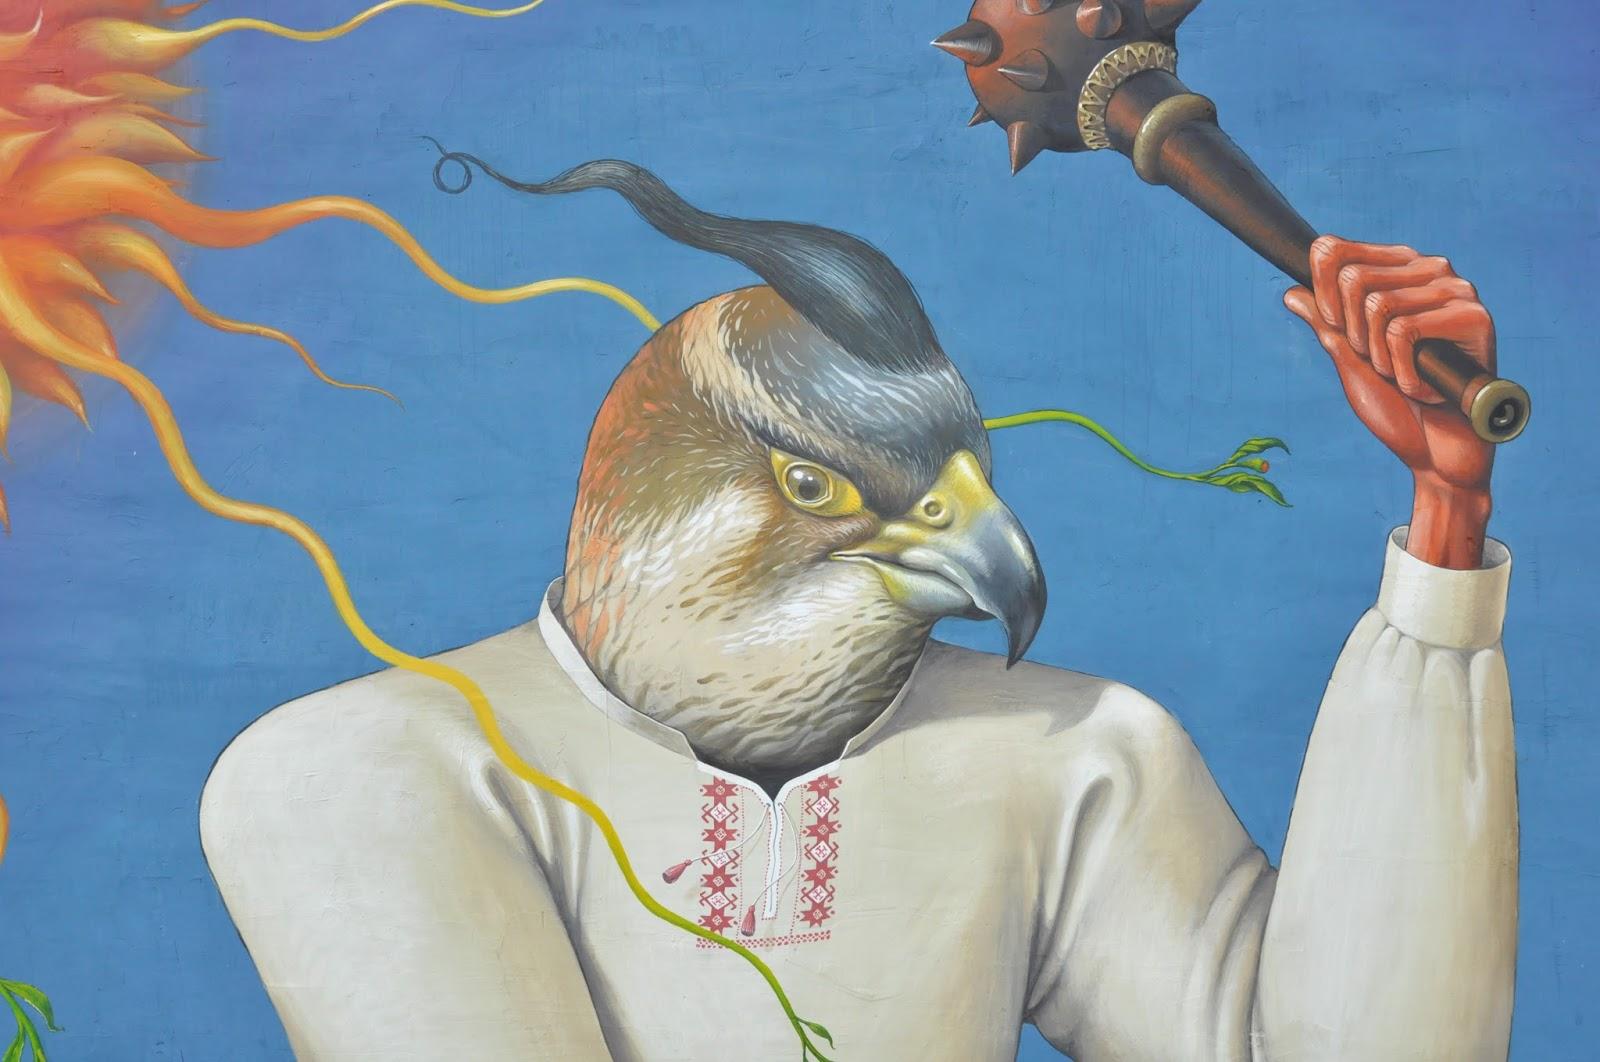 interesni-kazki-mural-in-kiew-ukraine-04